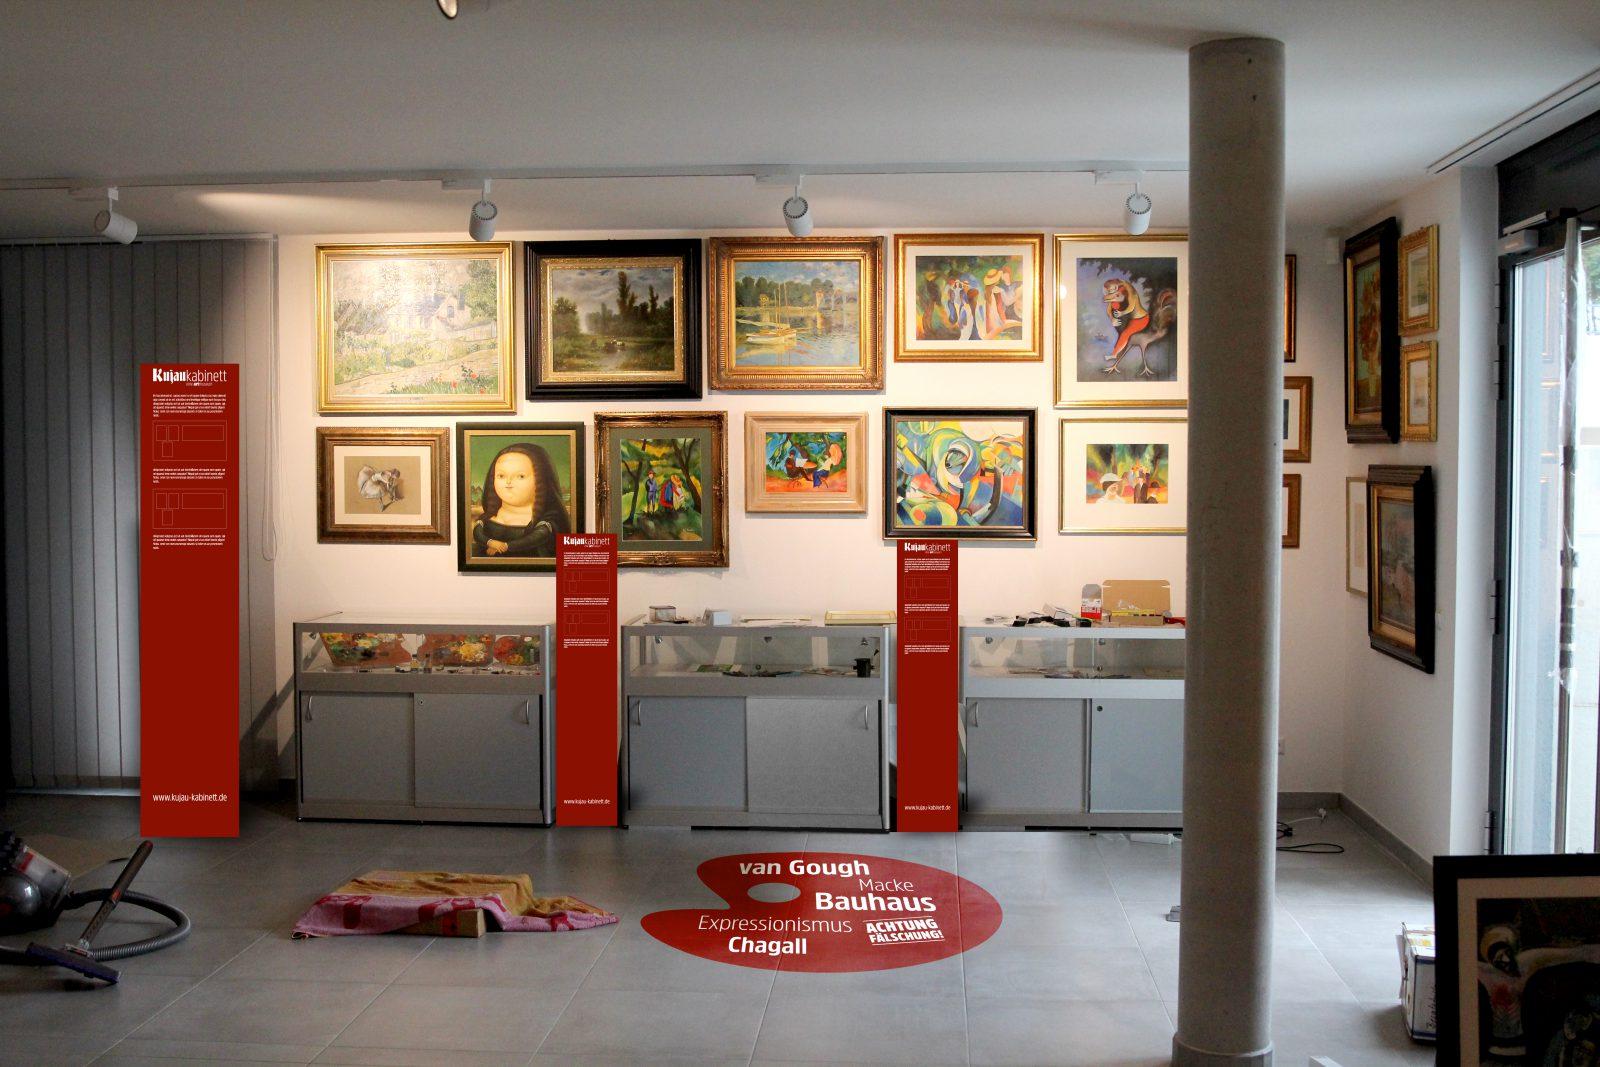 Die Ausstellung, Kujau Kabinett